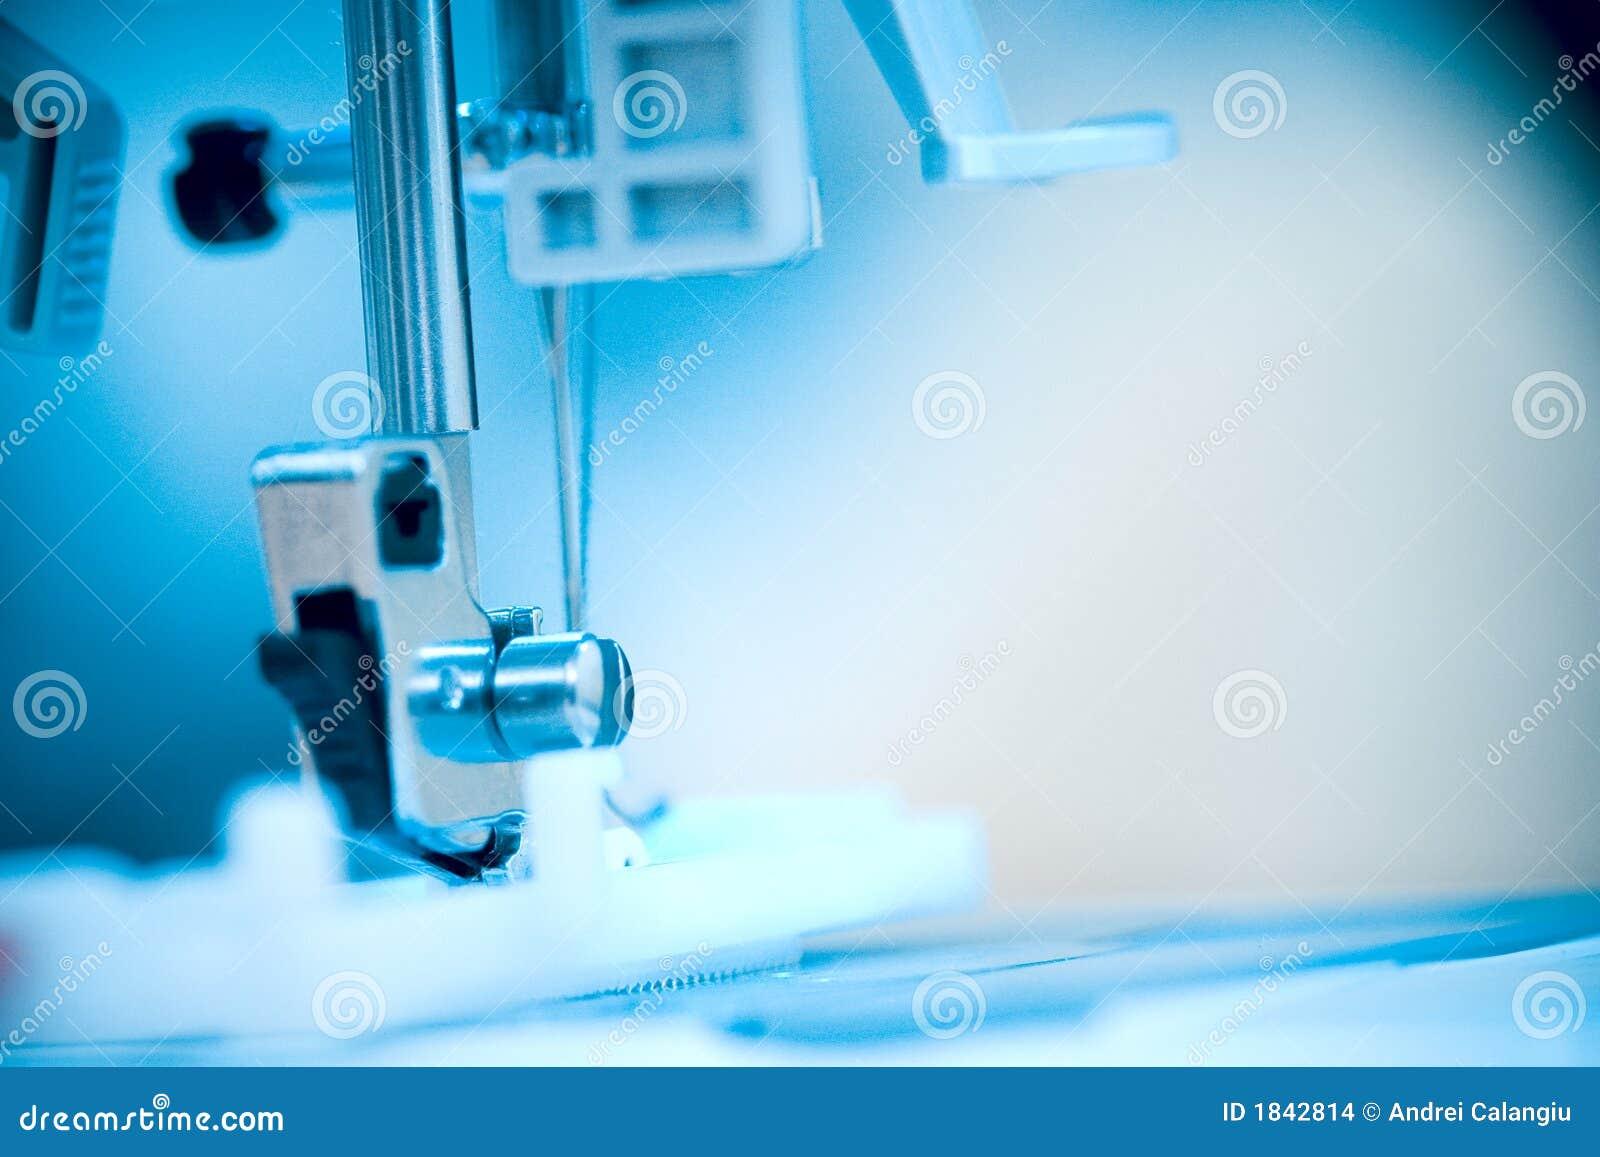 Pie de la máquina de coser.